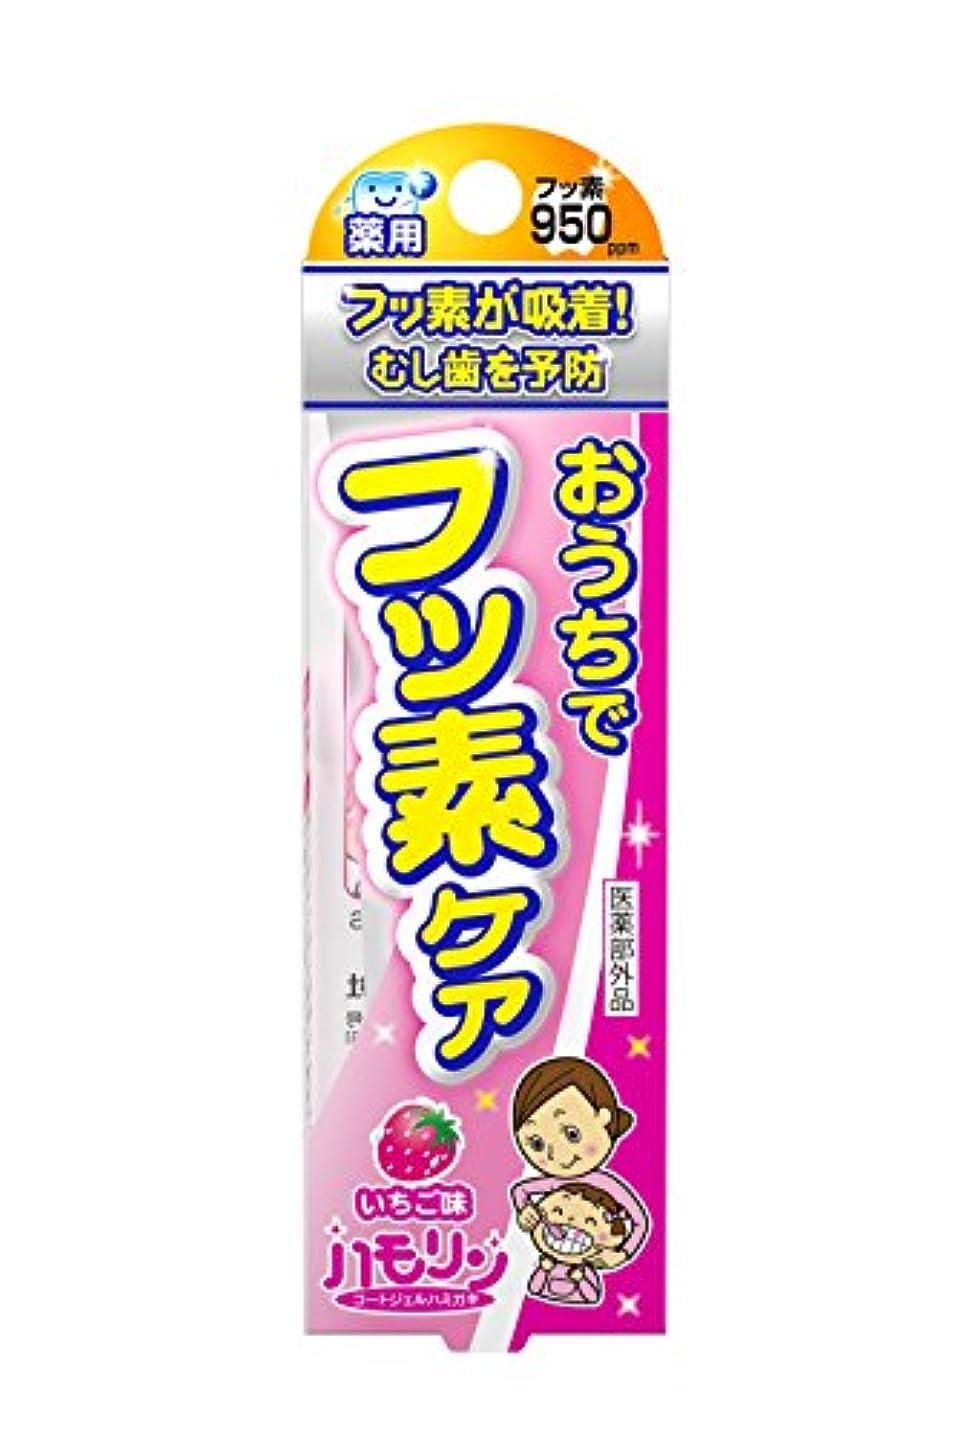 許容できるお風呂を持っているナラーバーハモリン コートジェルハミガキ いちご味 30g